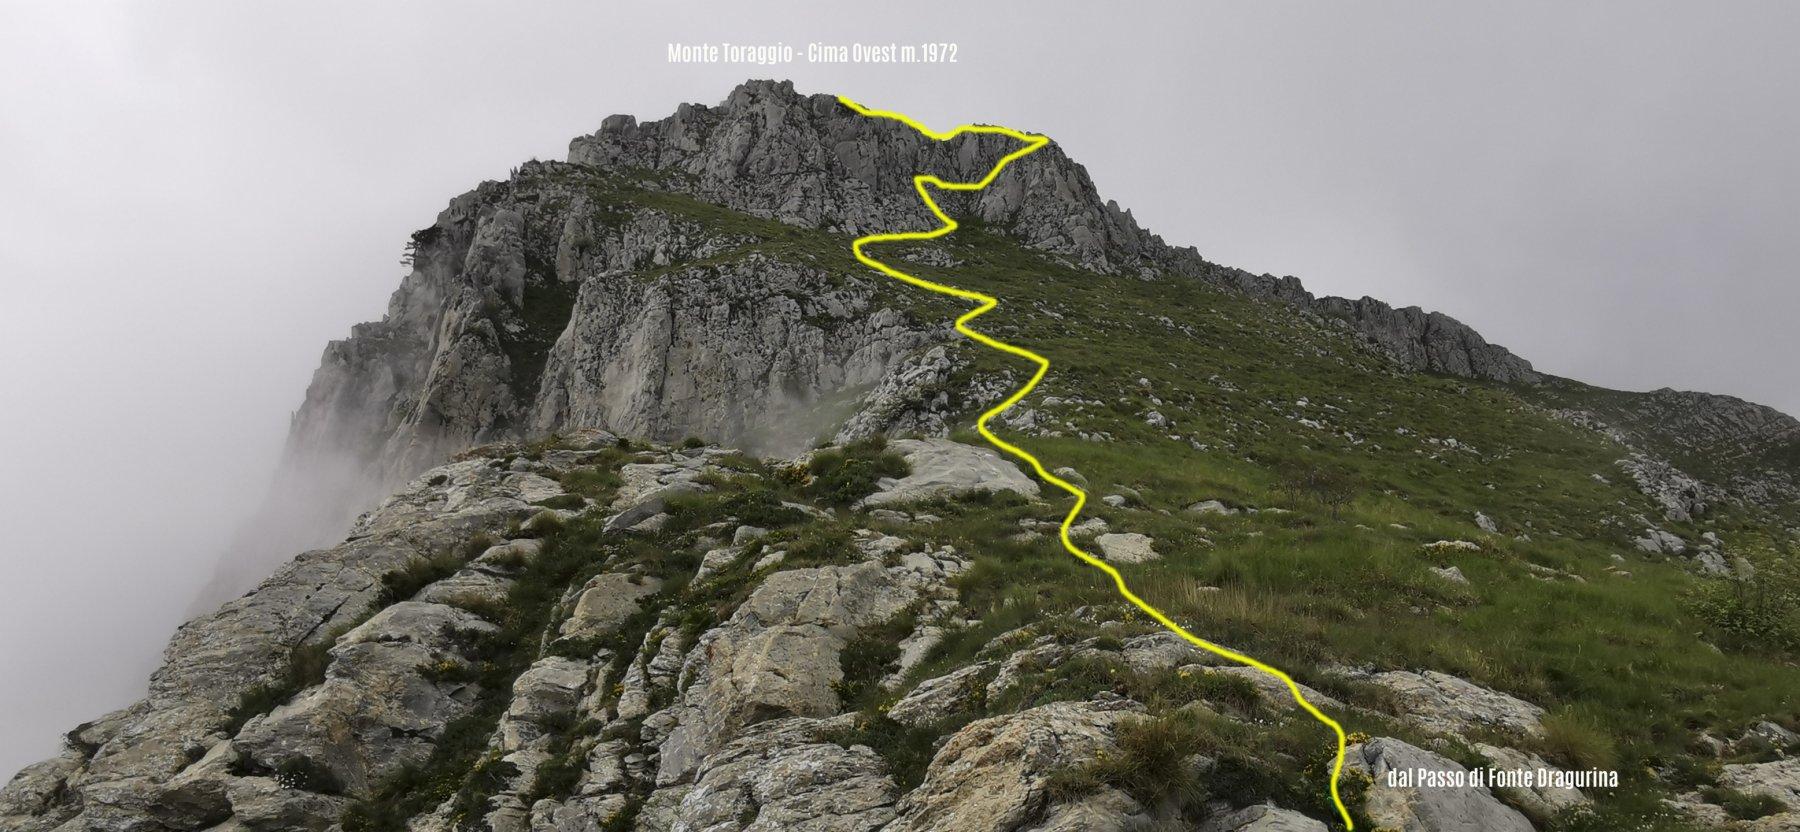 la Cima Ovest del Monte Toraggio vista dal Passo di Fonte Dragurina